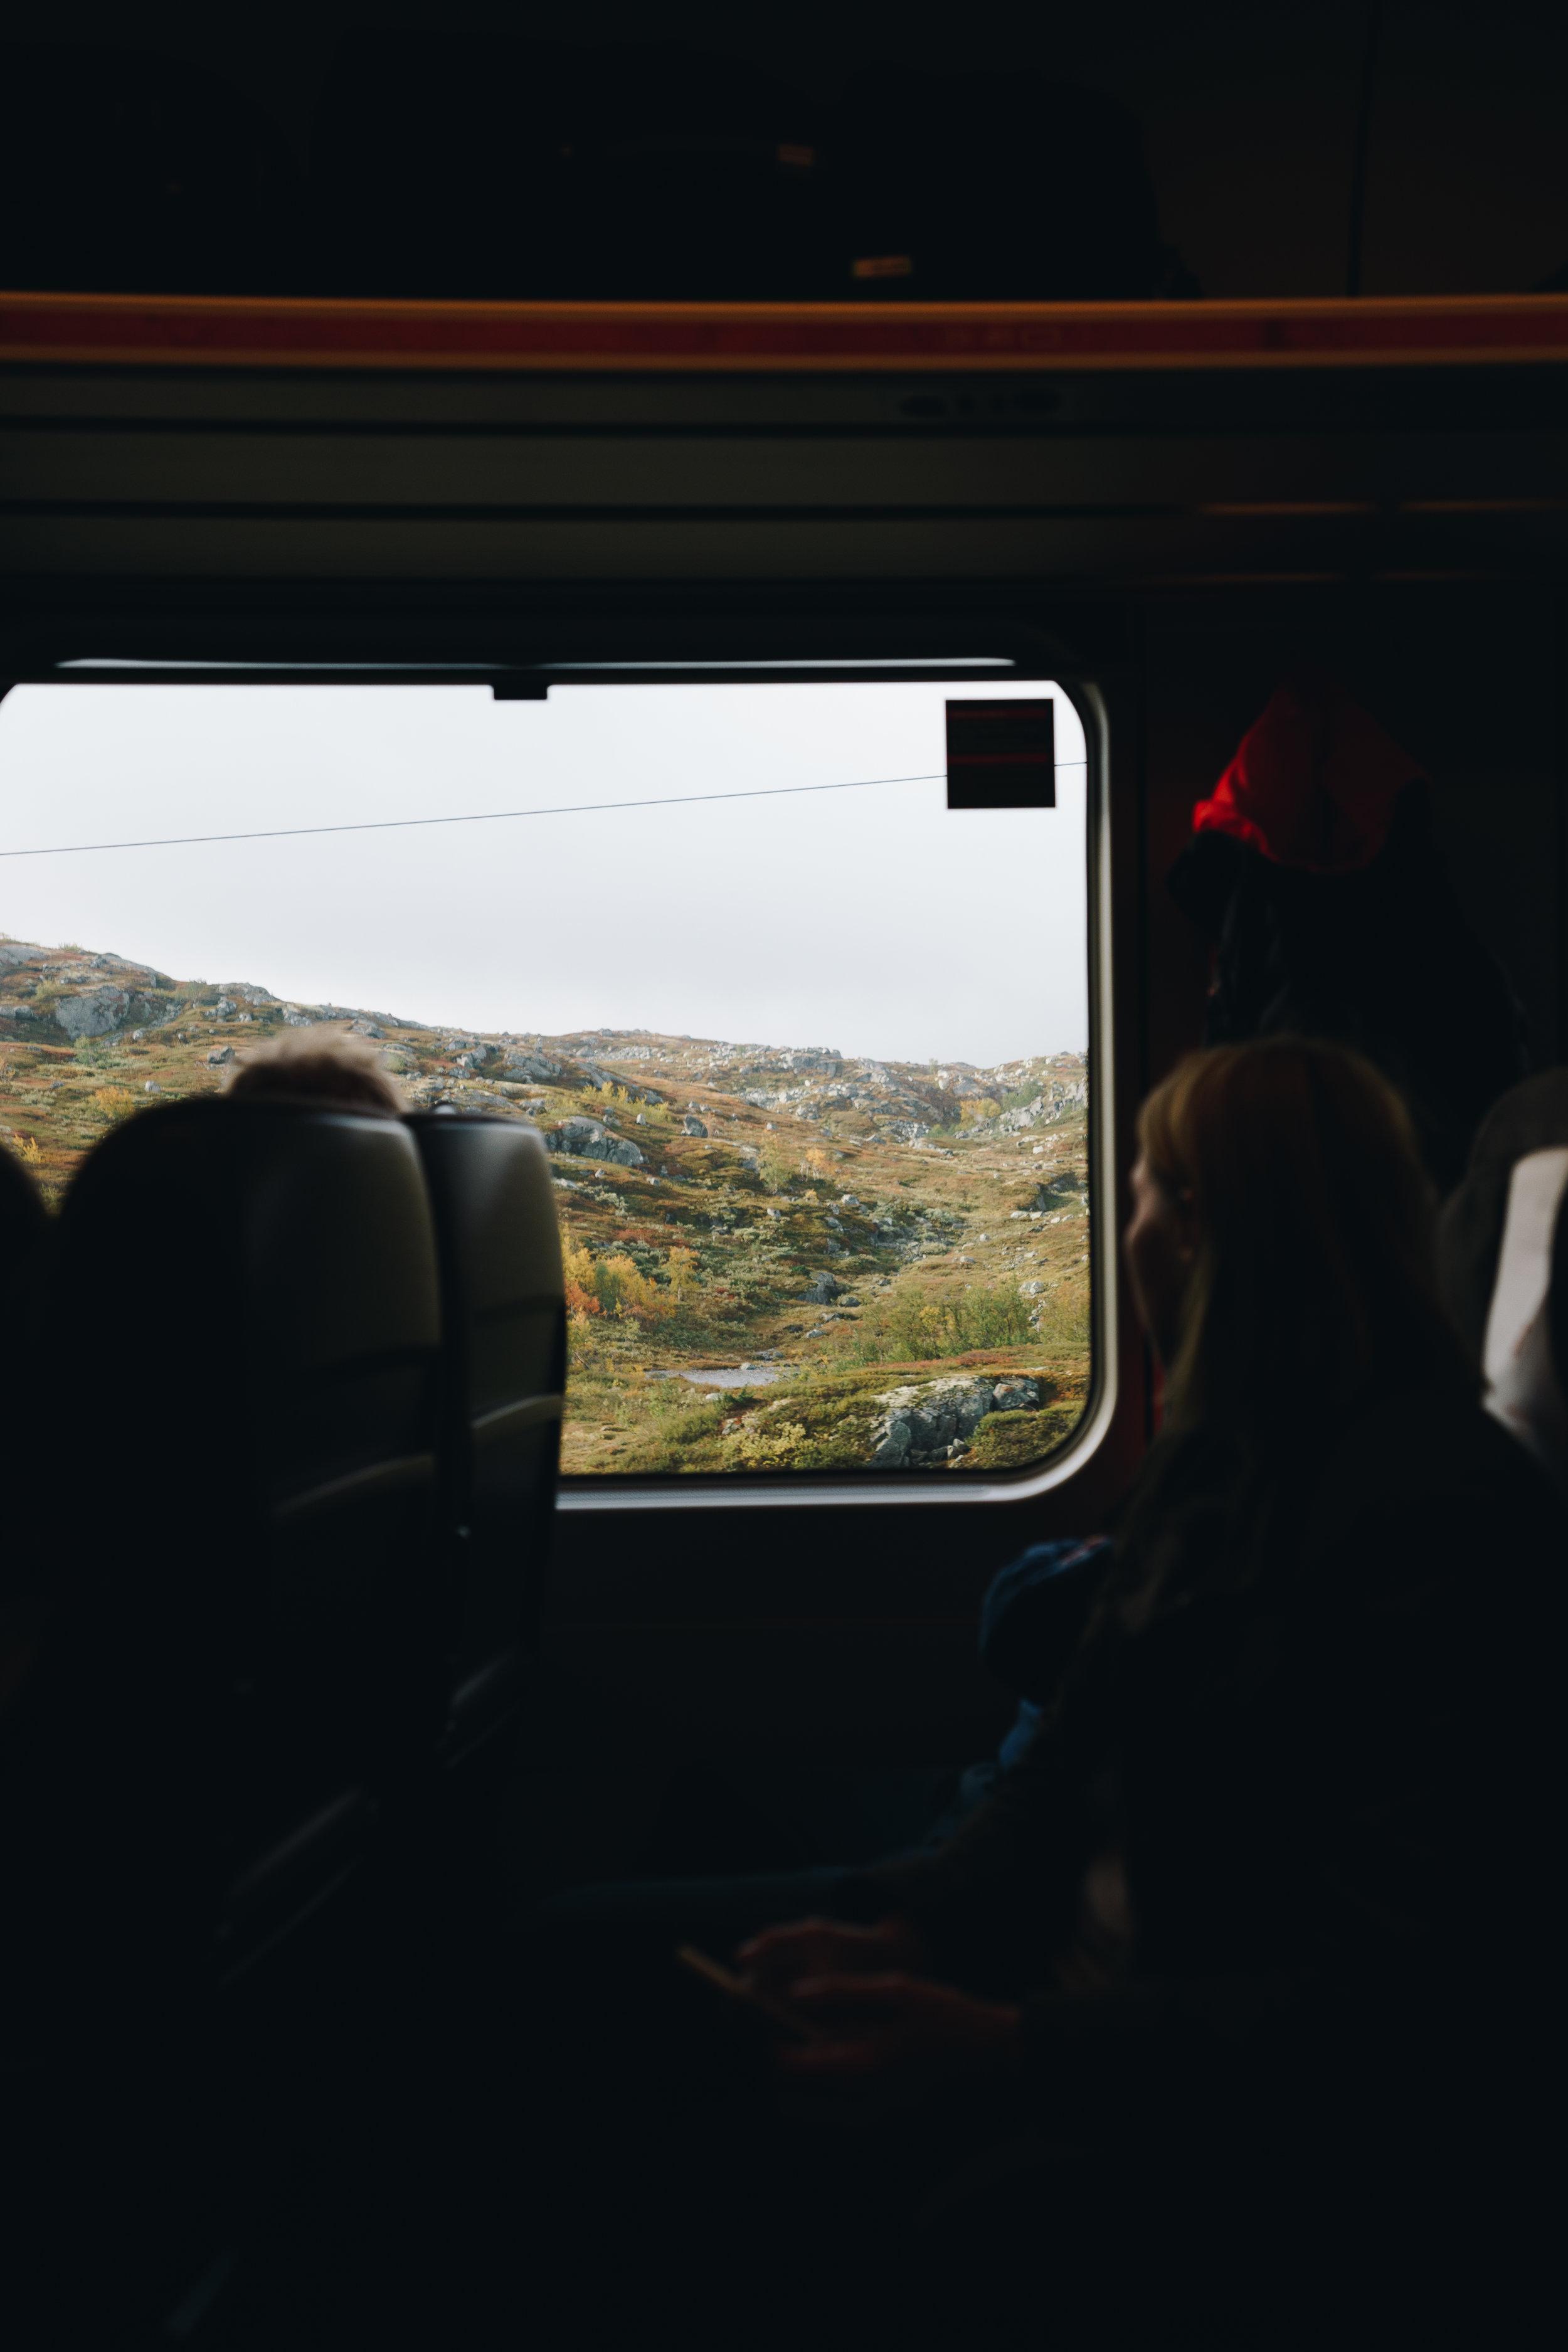 ASROSENVINGE_Interrail_Norden_2018_Bergensbanen_Togudsigt_Norge_LowRes-09995.jpg